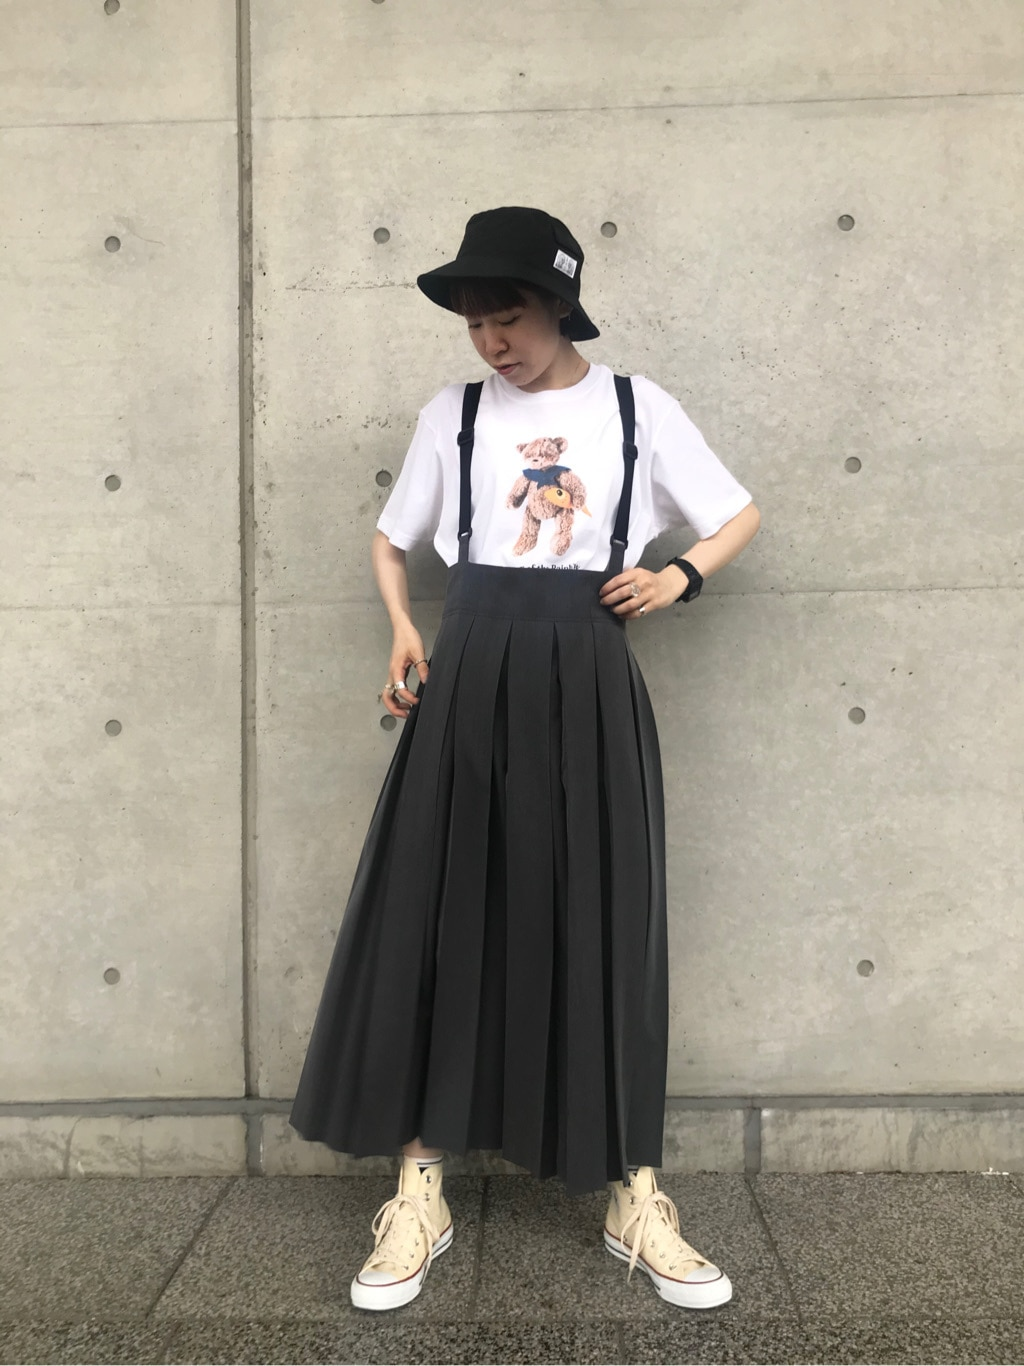 東京スカイツリータウン・ソラマチ 2020.07.18